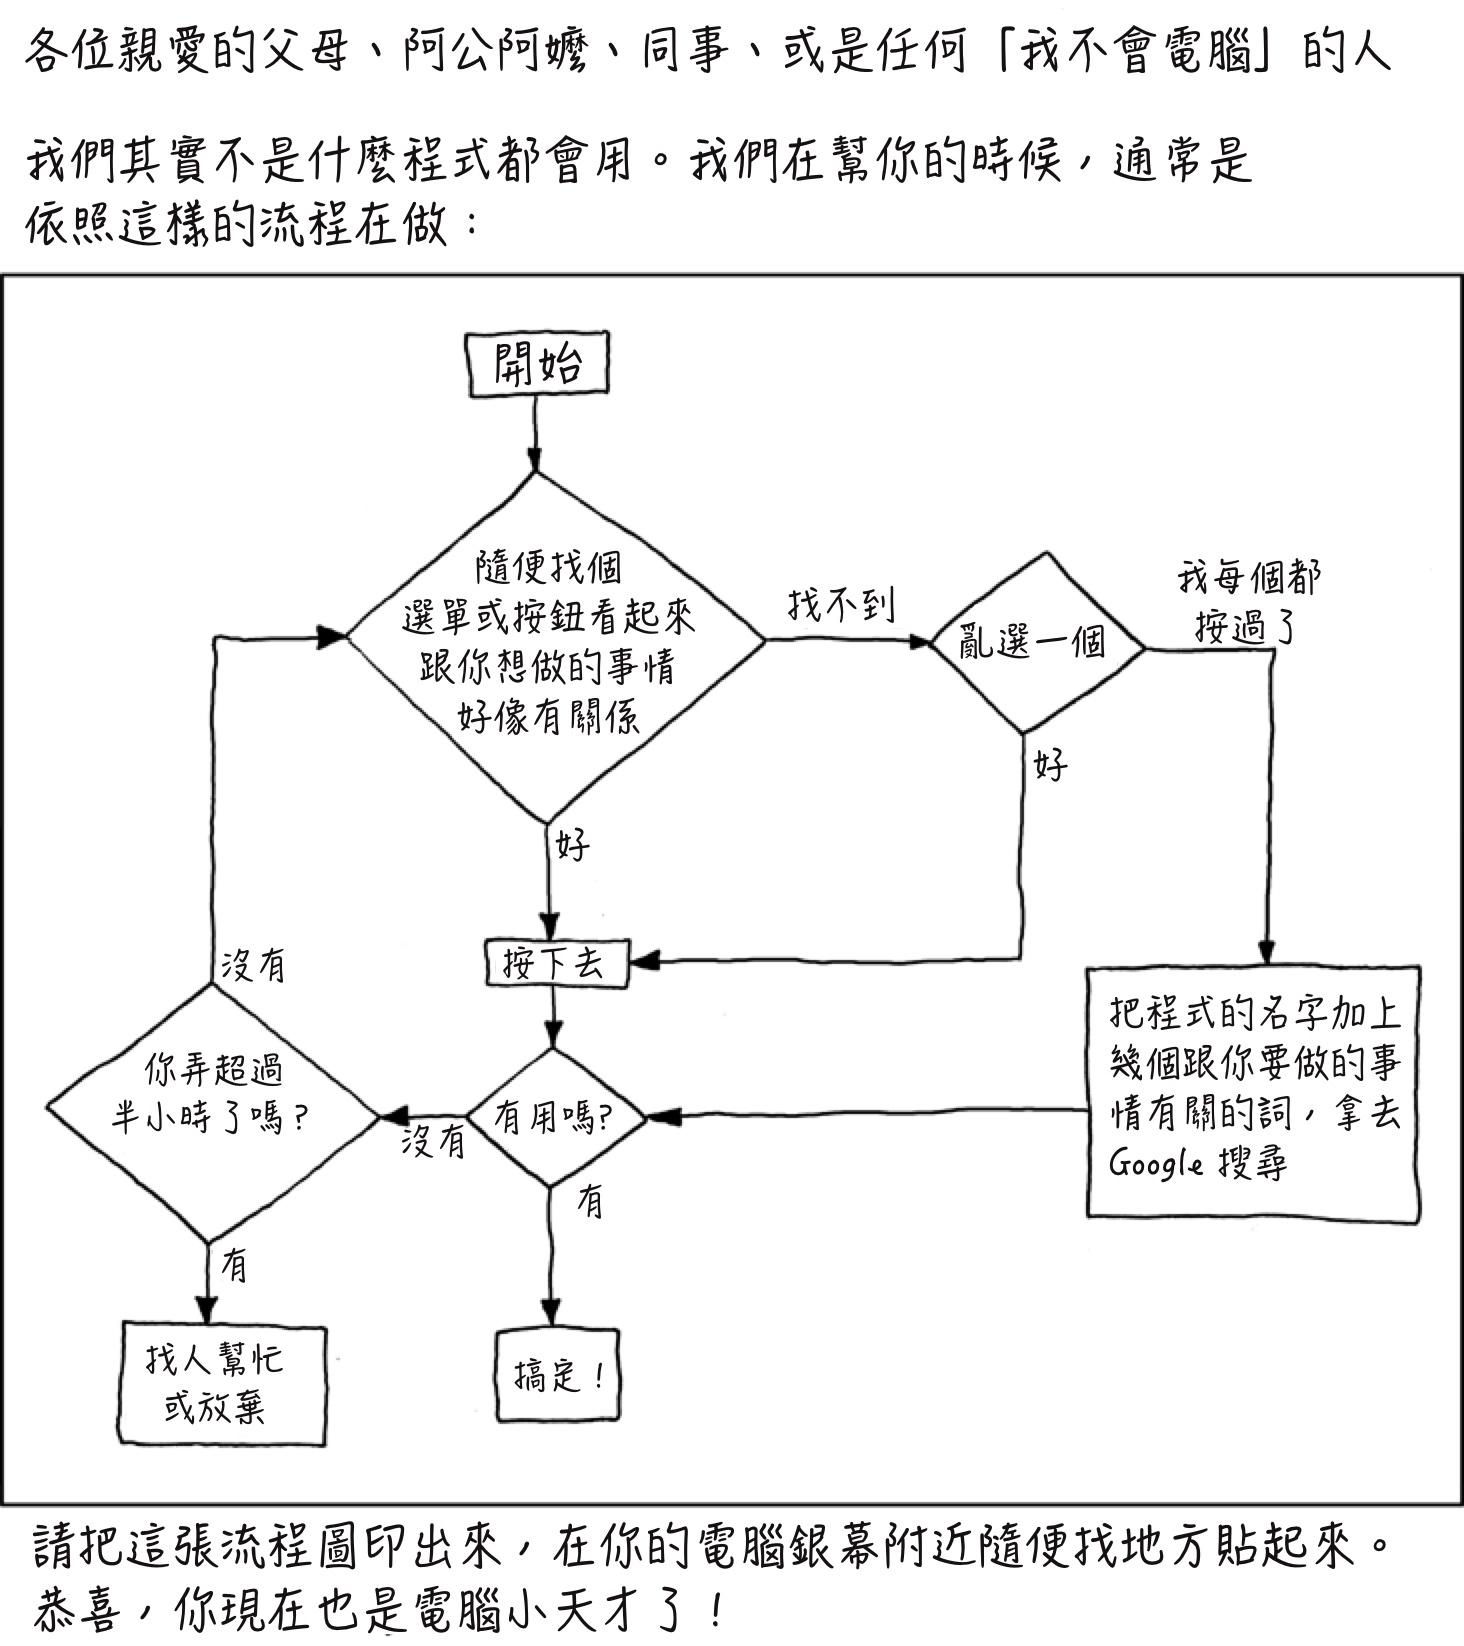 技術支援流程圖